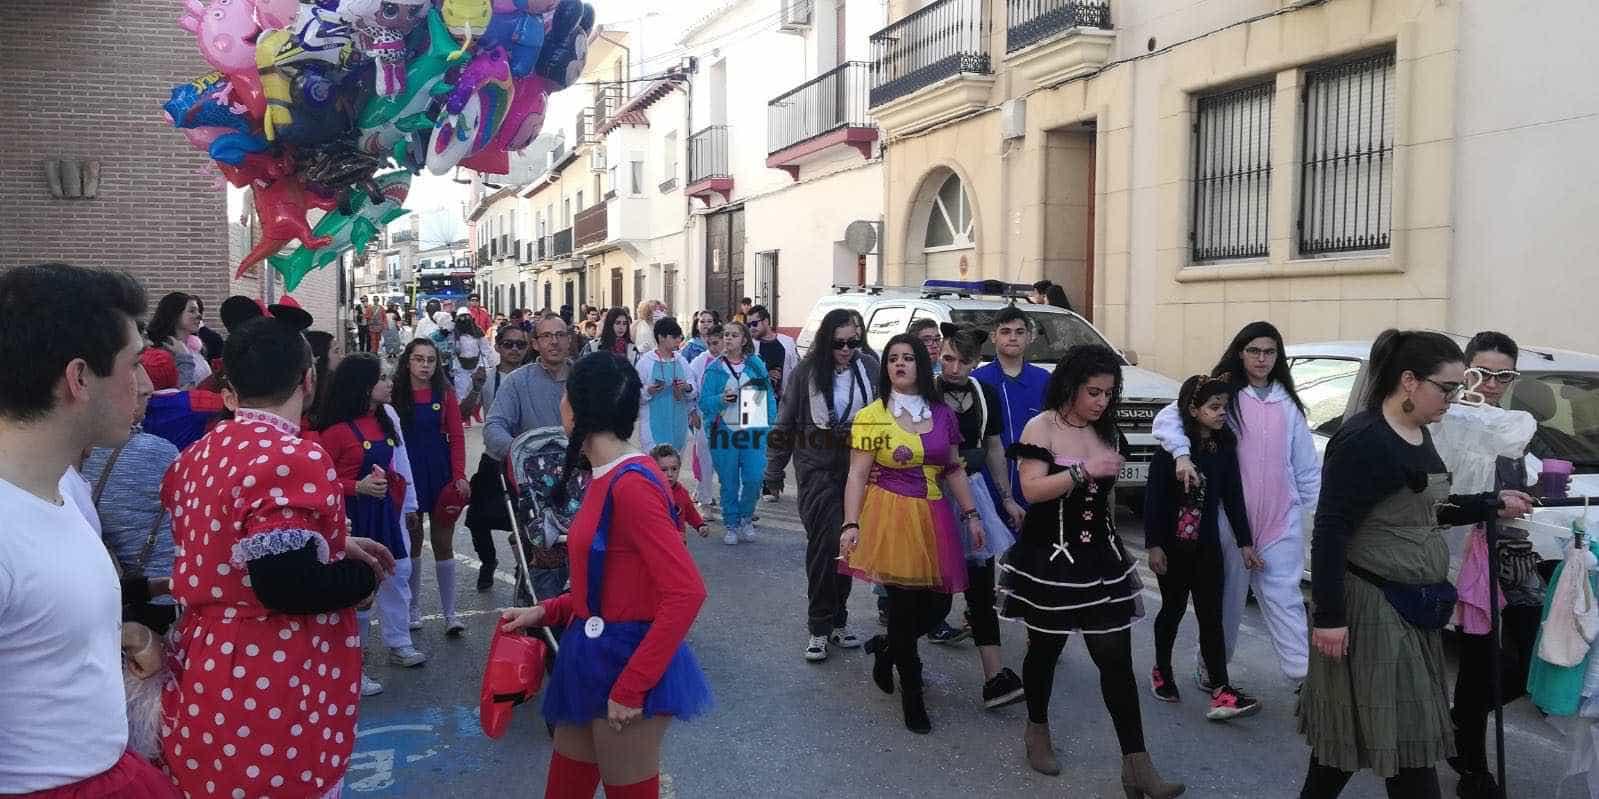 Carnaval herencia 2020 pasacalles domingo deseosas 11 - El Domingo de las Deseosas invita a todo el mundo al Carnaval de Herencia